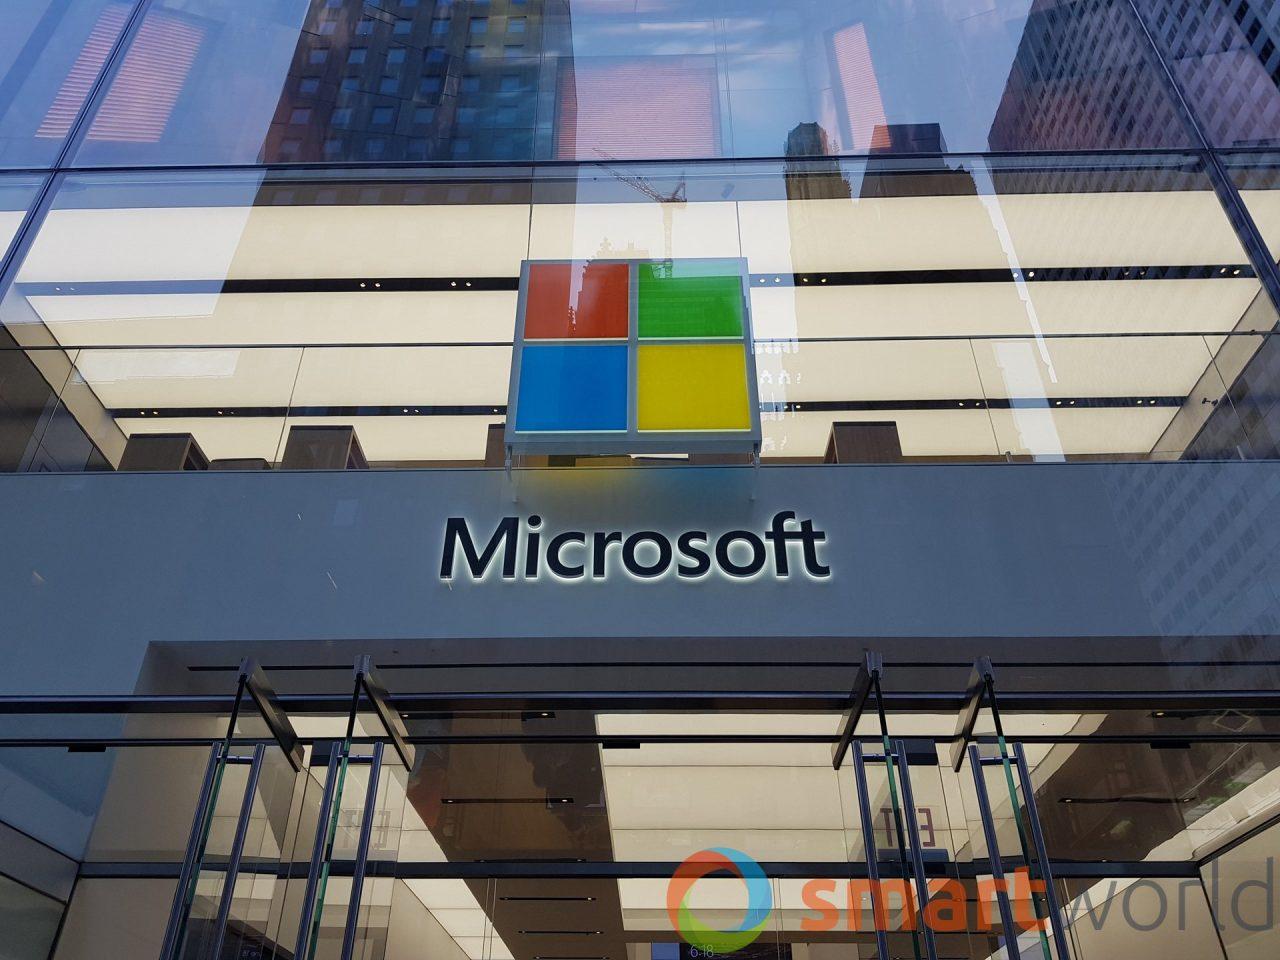 Microsoft aggiorna Mail and Calendar: ora potrete letteralmente scrivere le email (foto)